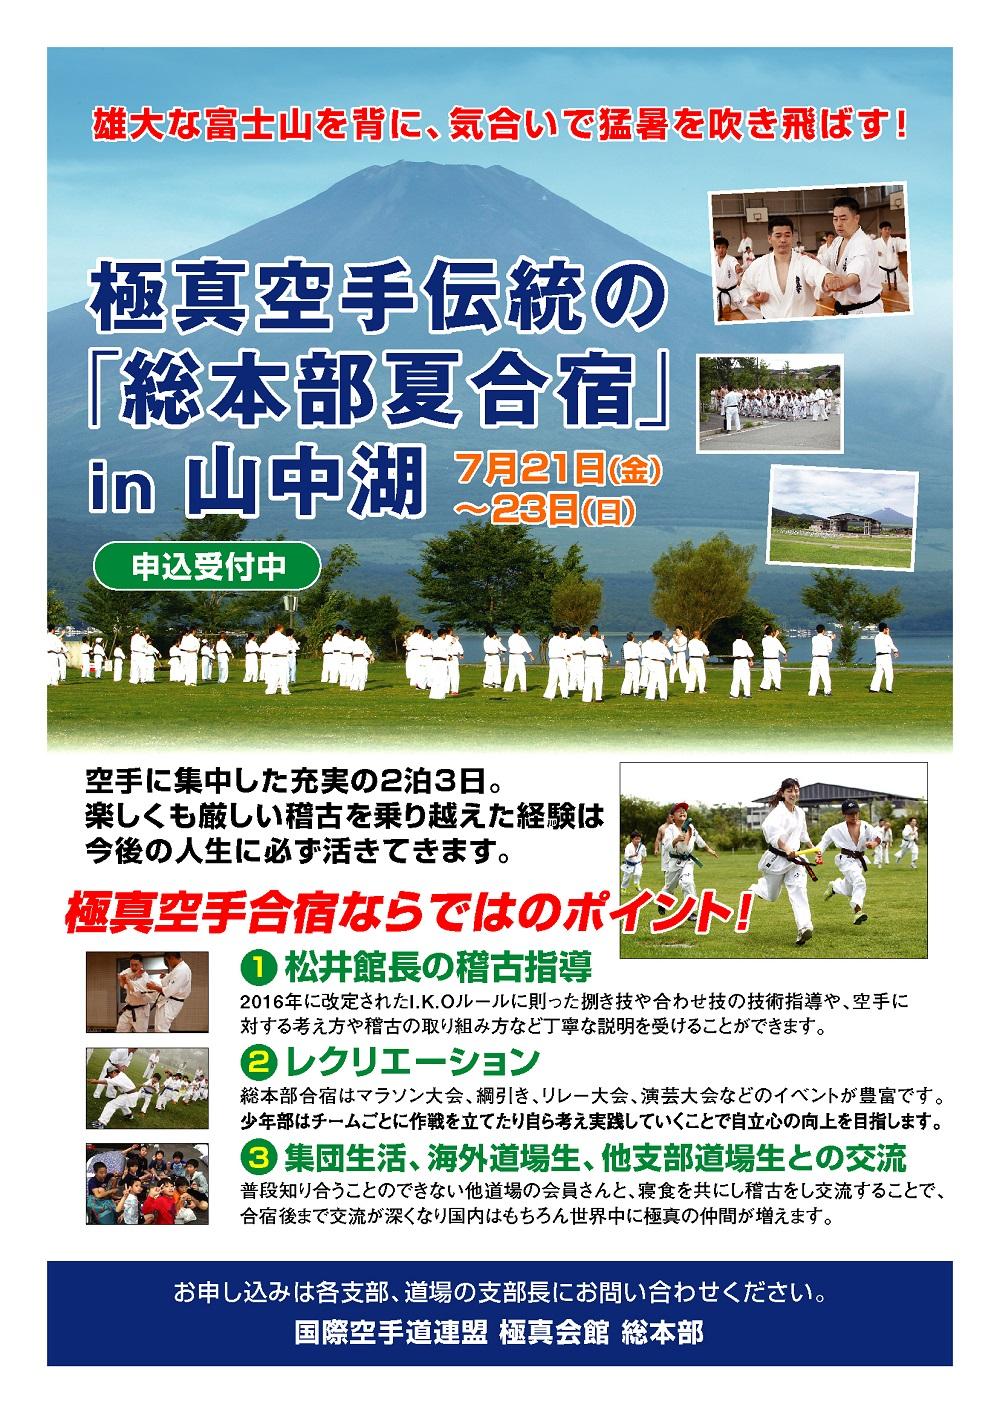 2017総本部夏合宿参加者募集のお知らせ